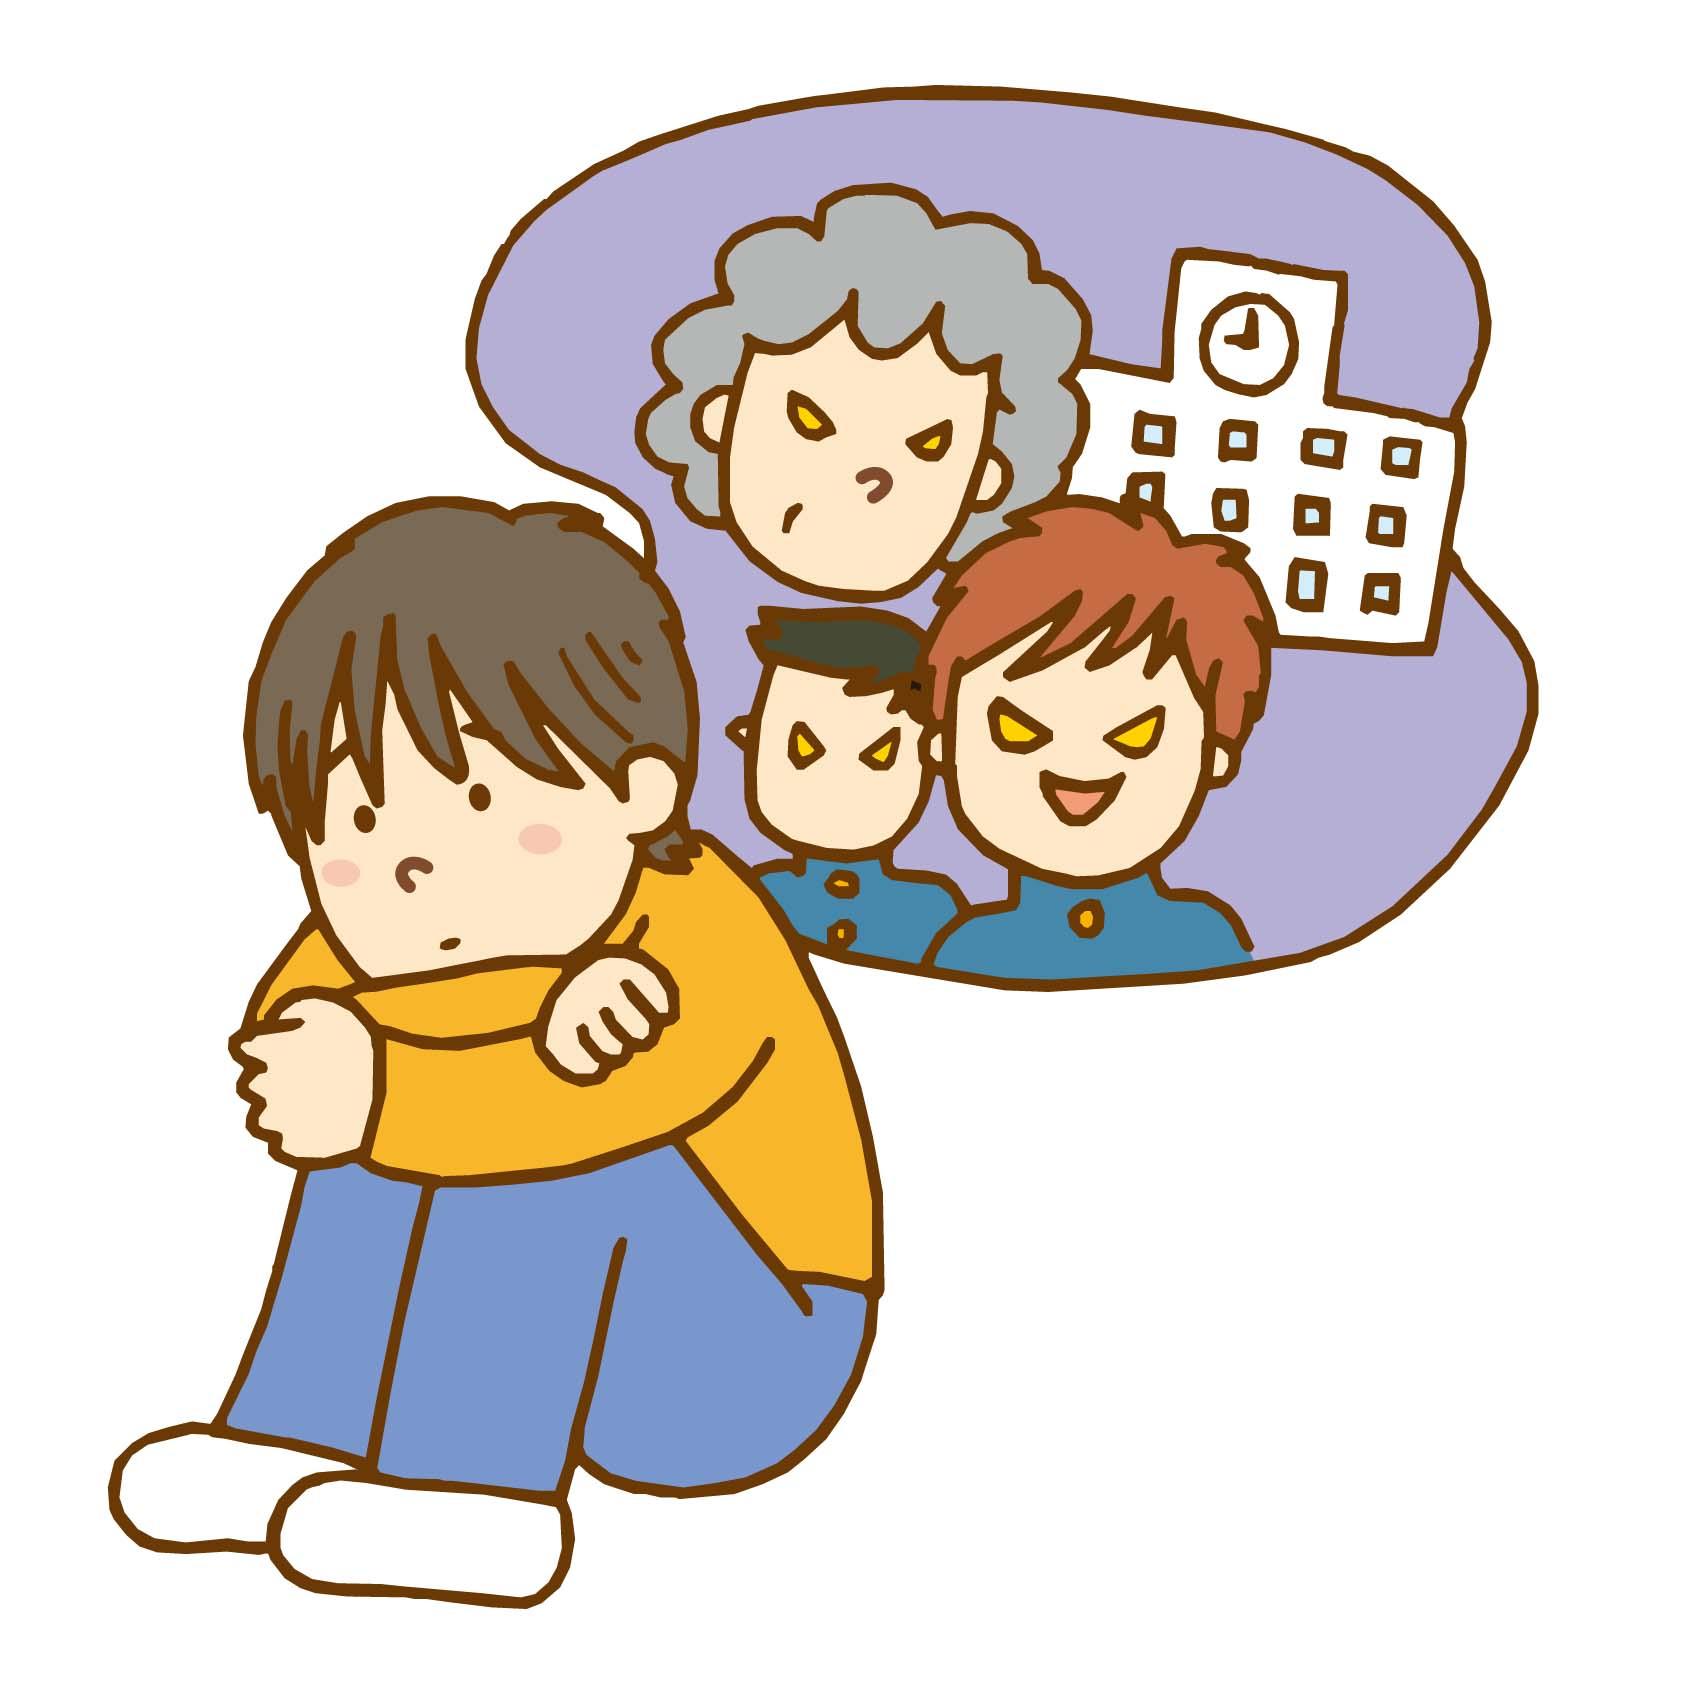 イジメにより発達障害の二次障害が発症し家庭環境により重症化